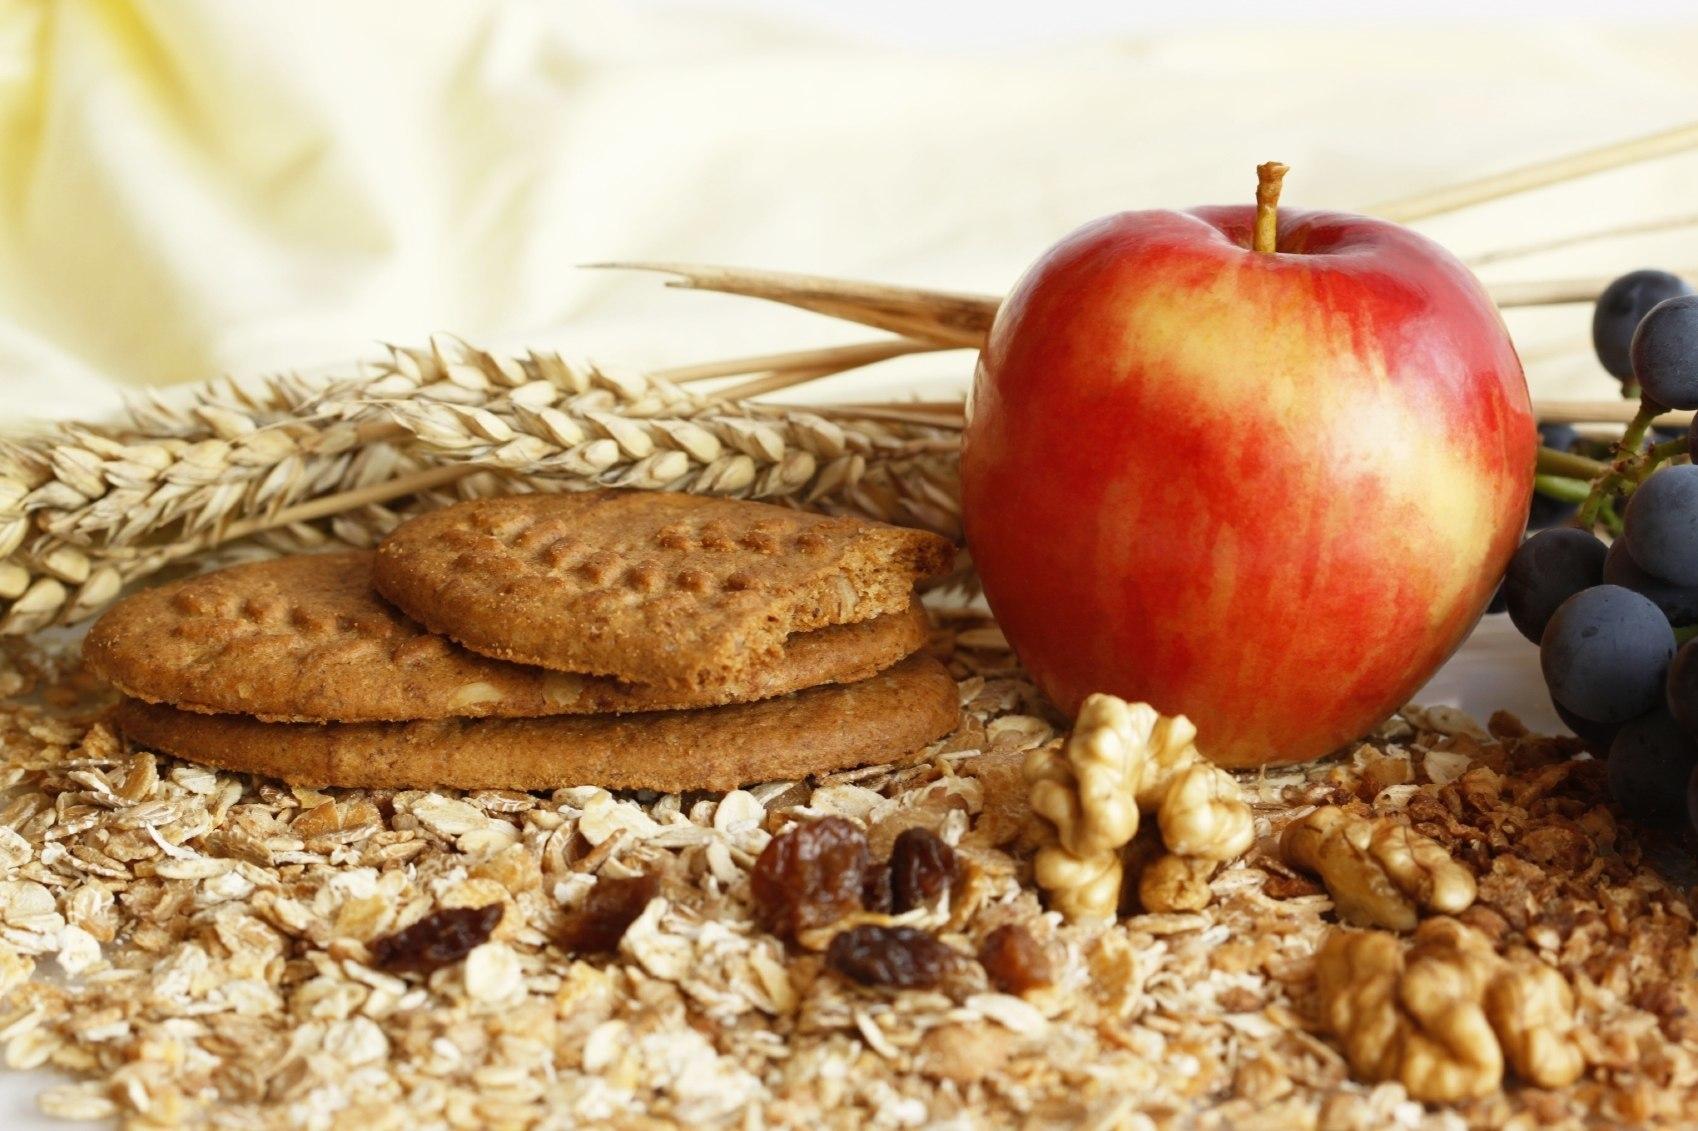 Consumo de fibras: combata e previna problemas digestivos